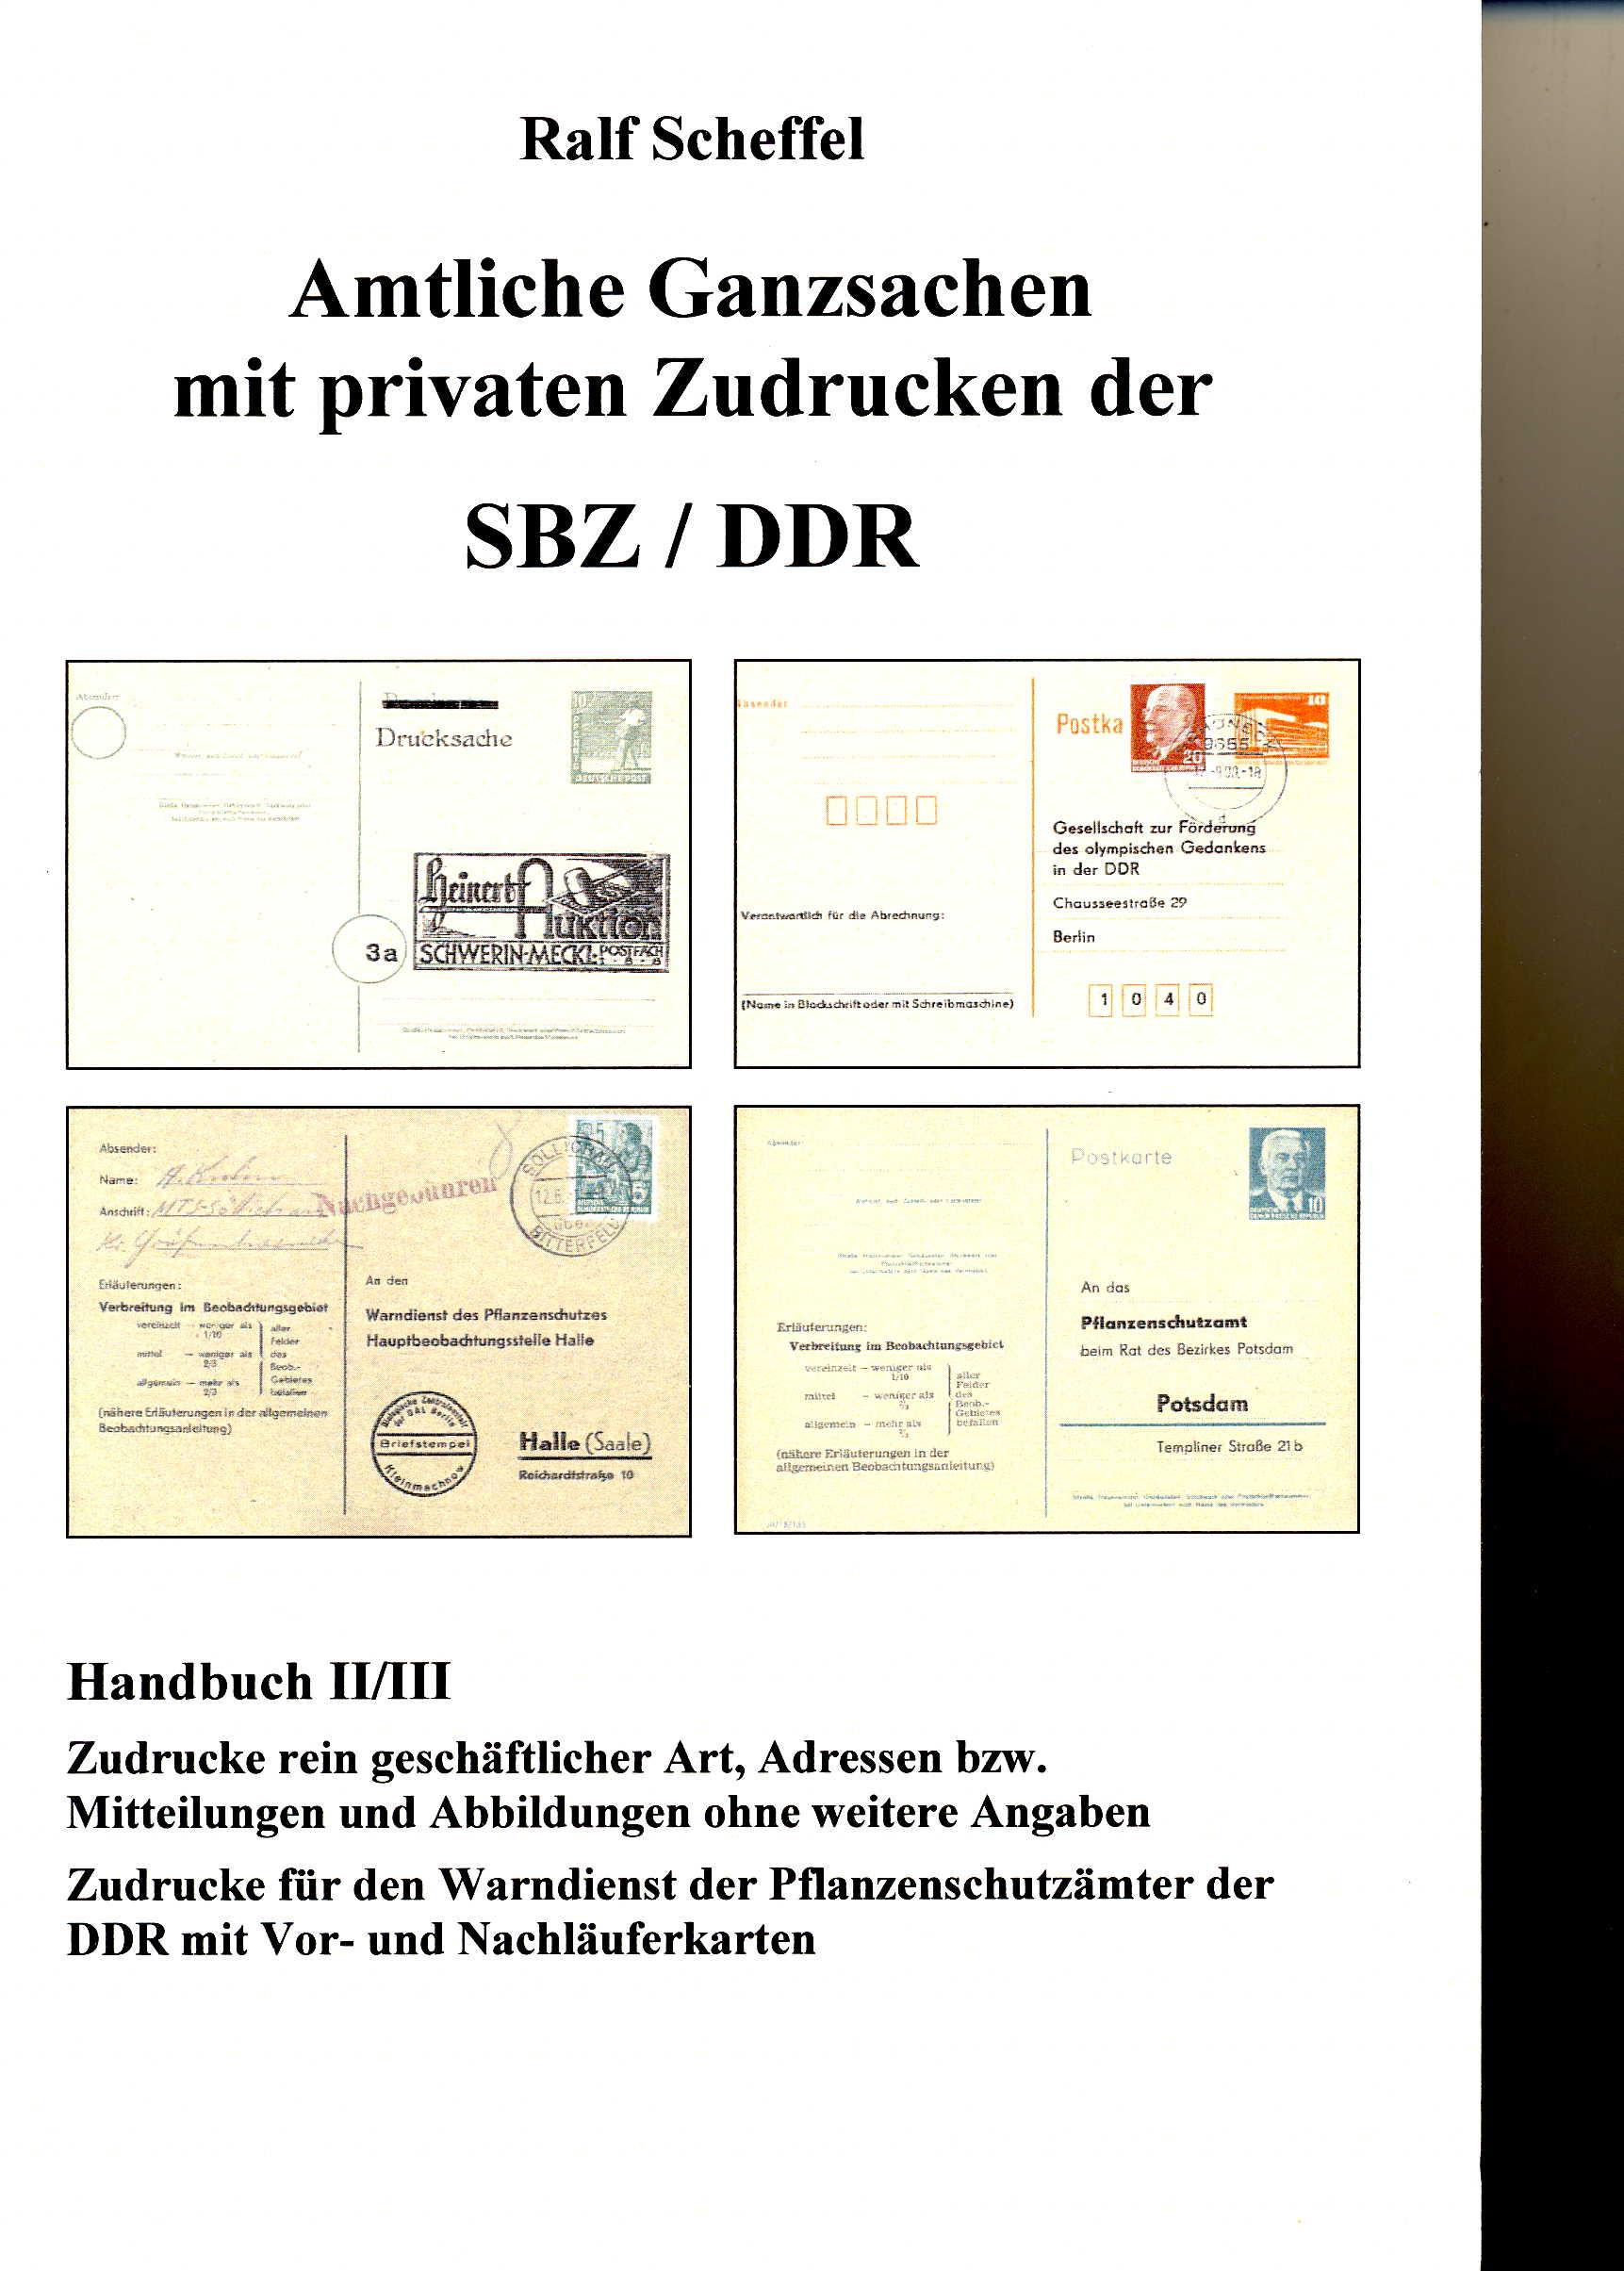 Scheffel Amtliche Ganzsachen mit privaten Zudrucken der SBZ/DDR